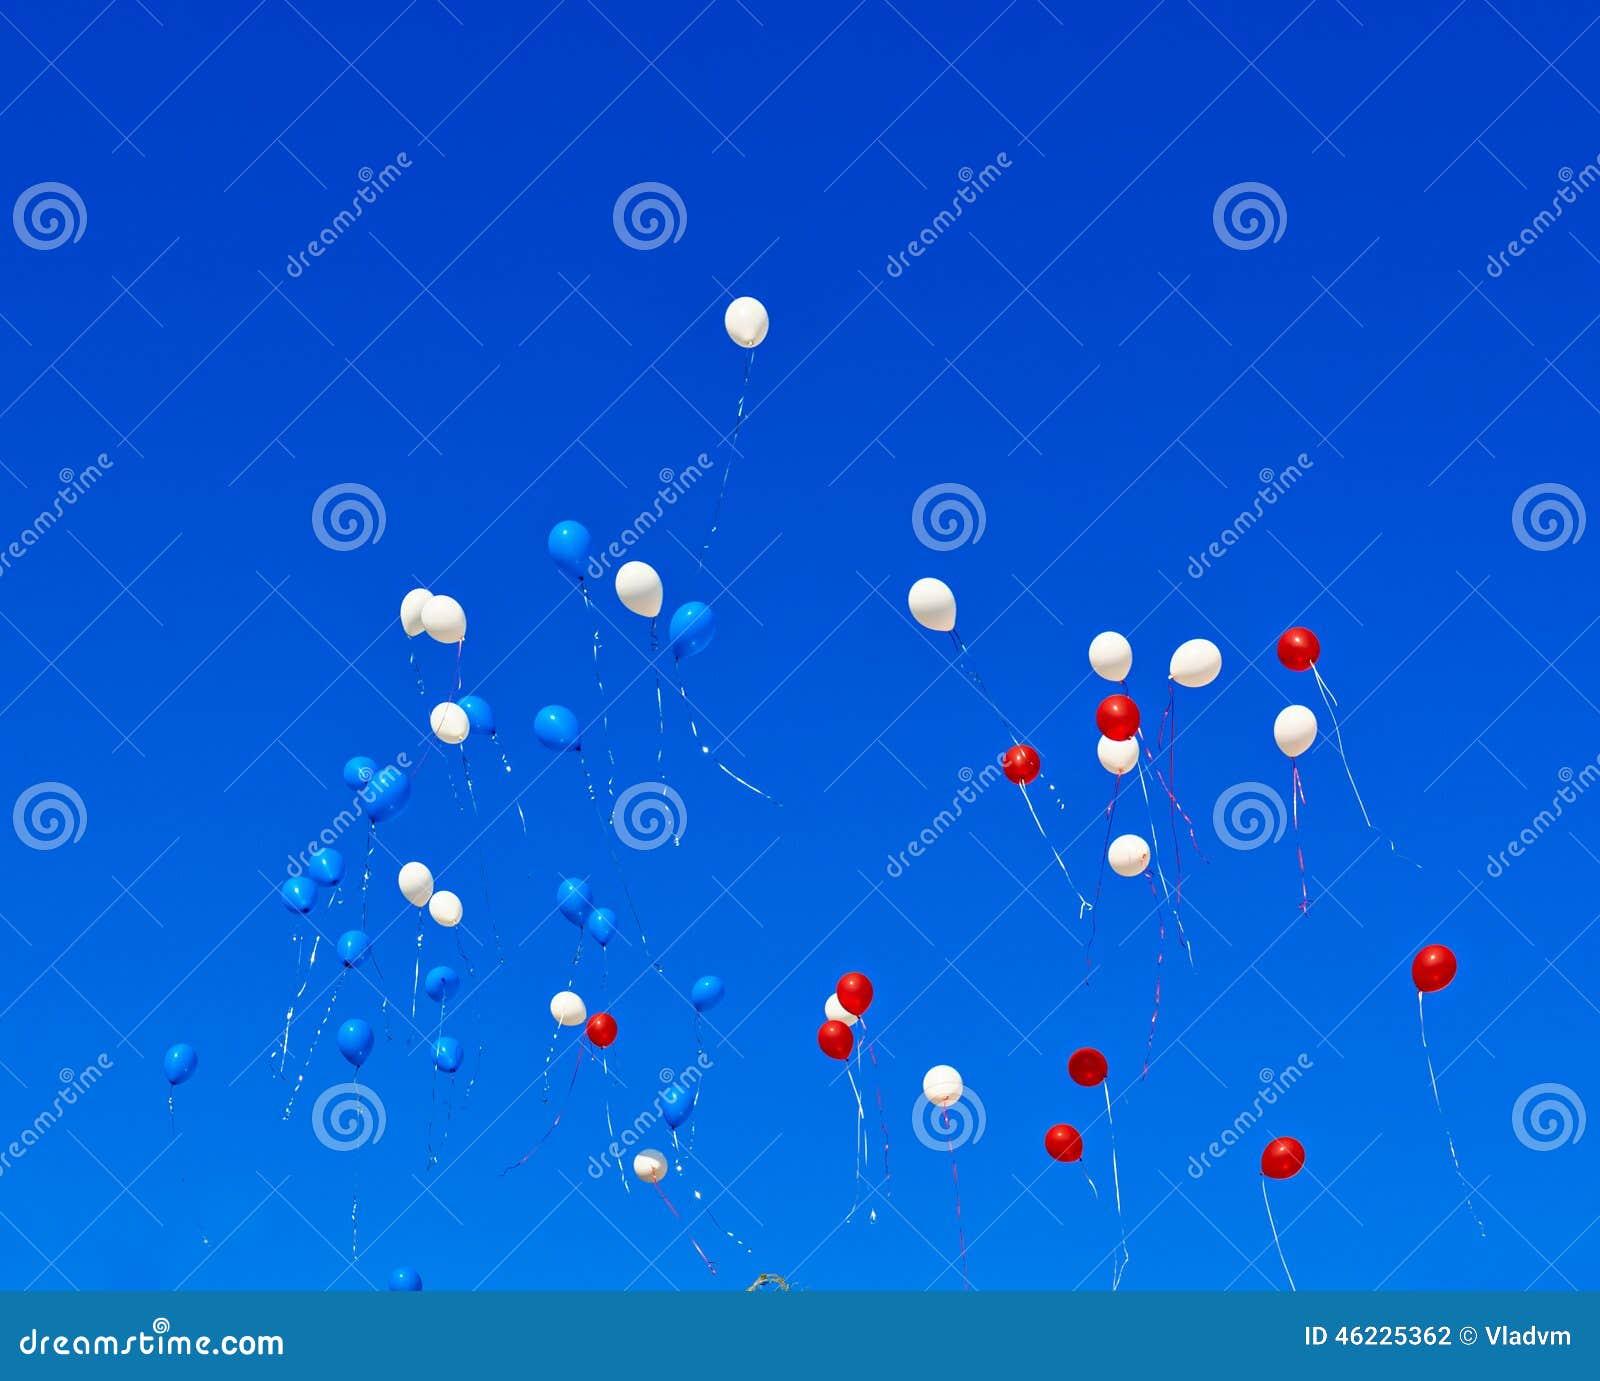 Μπαλόνια που πετούν στον ουρανό